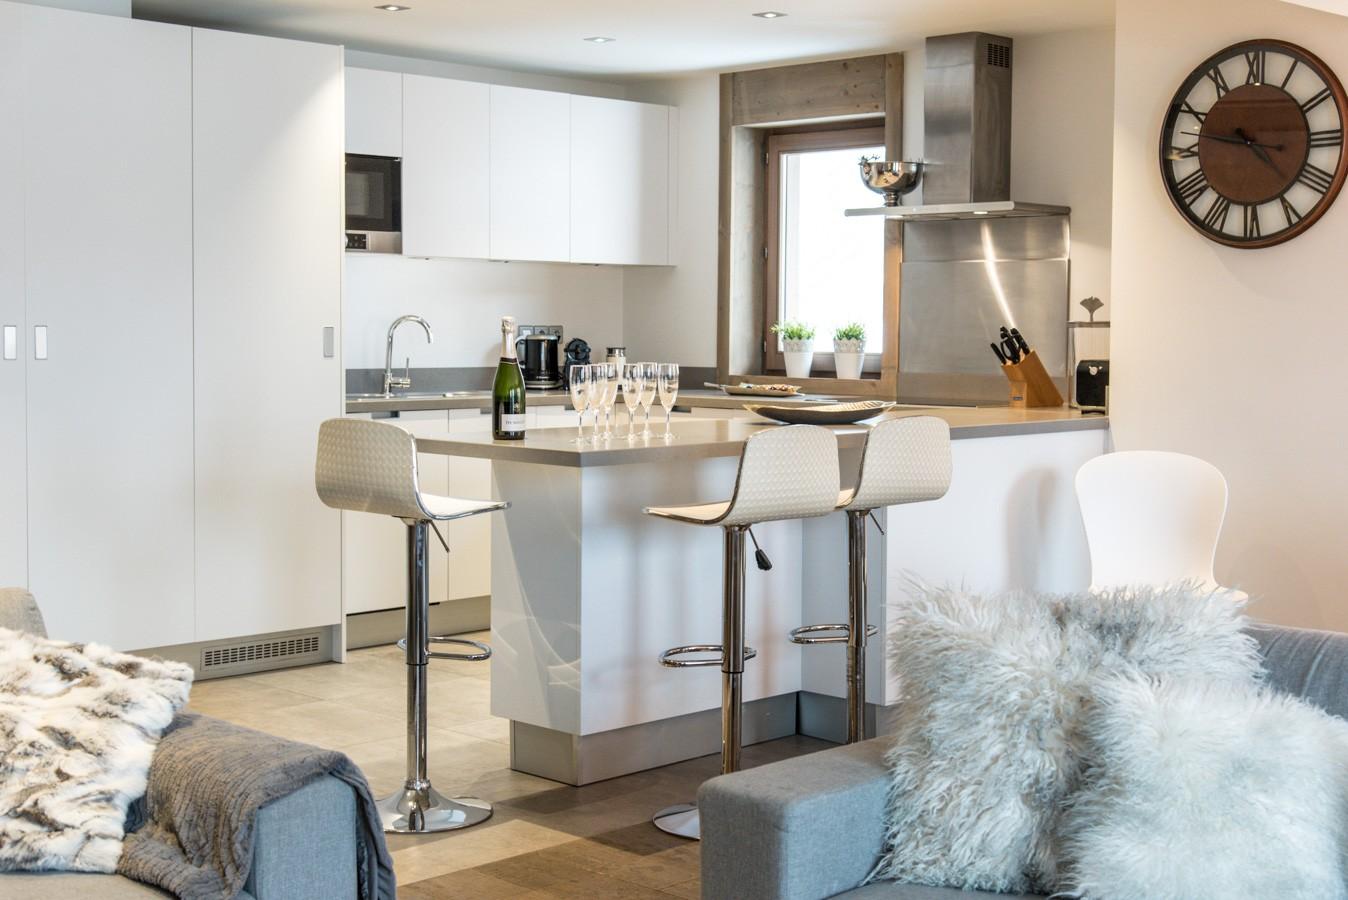 Courchevel 1650 Location Appartement Luxe Aluminite Cuisine